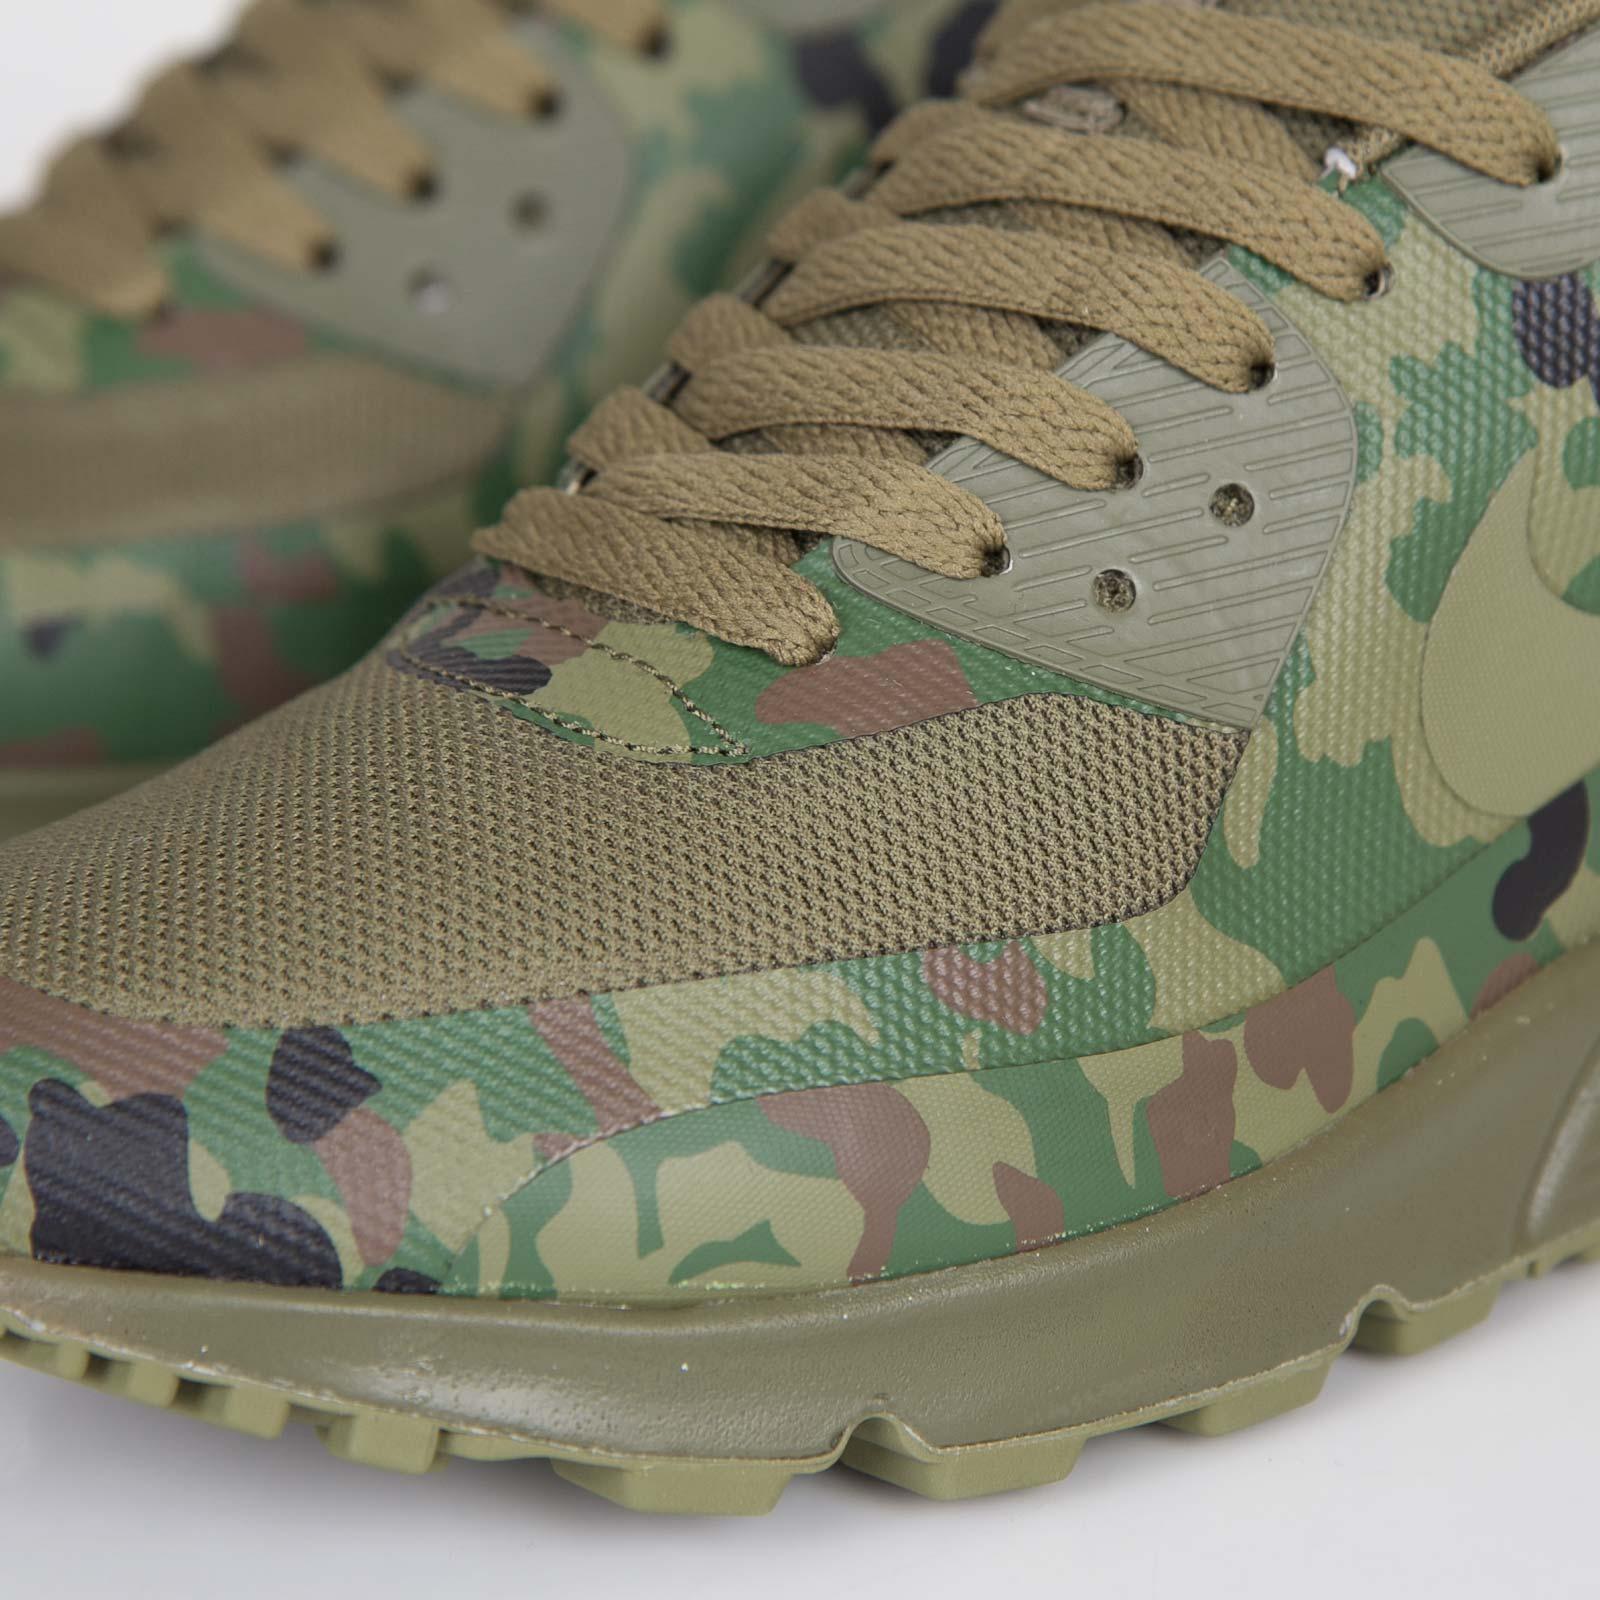 best website 7573f 6bad0 Nike Air Max 90 Japan SP - 624728-220 - Sneakersnstuff   sneakers    streetwear online since 1999